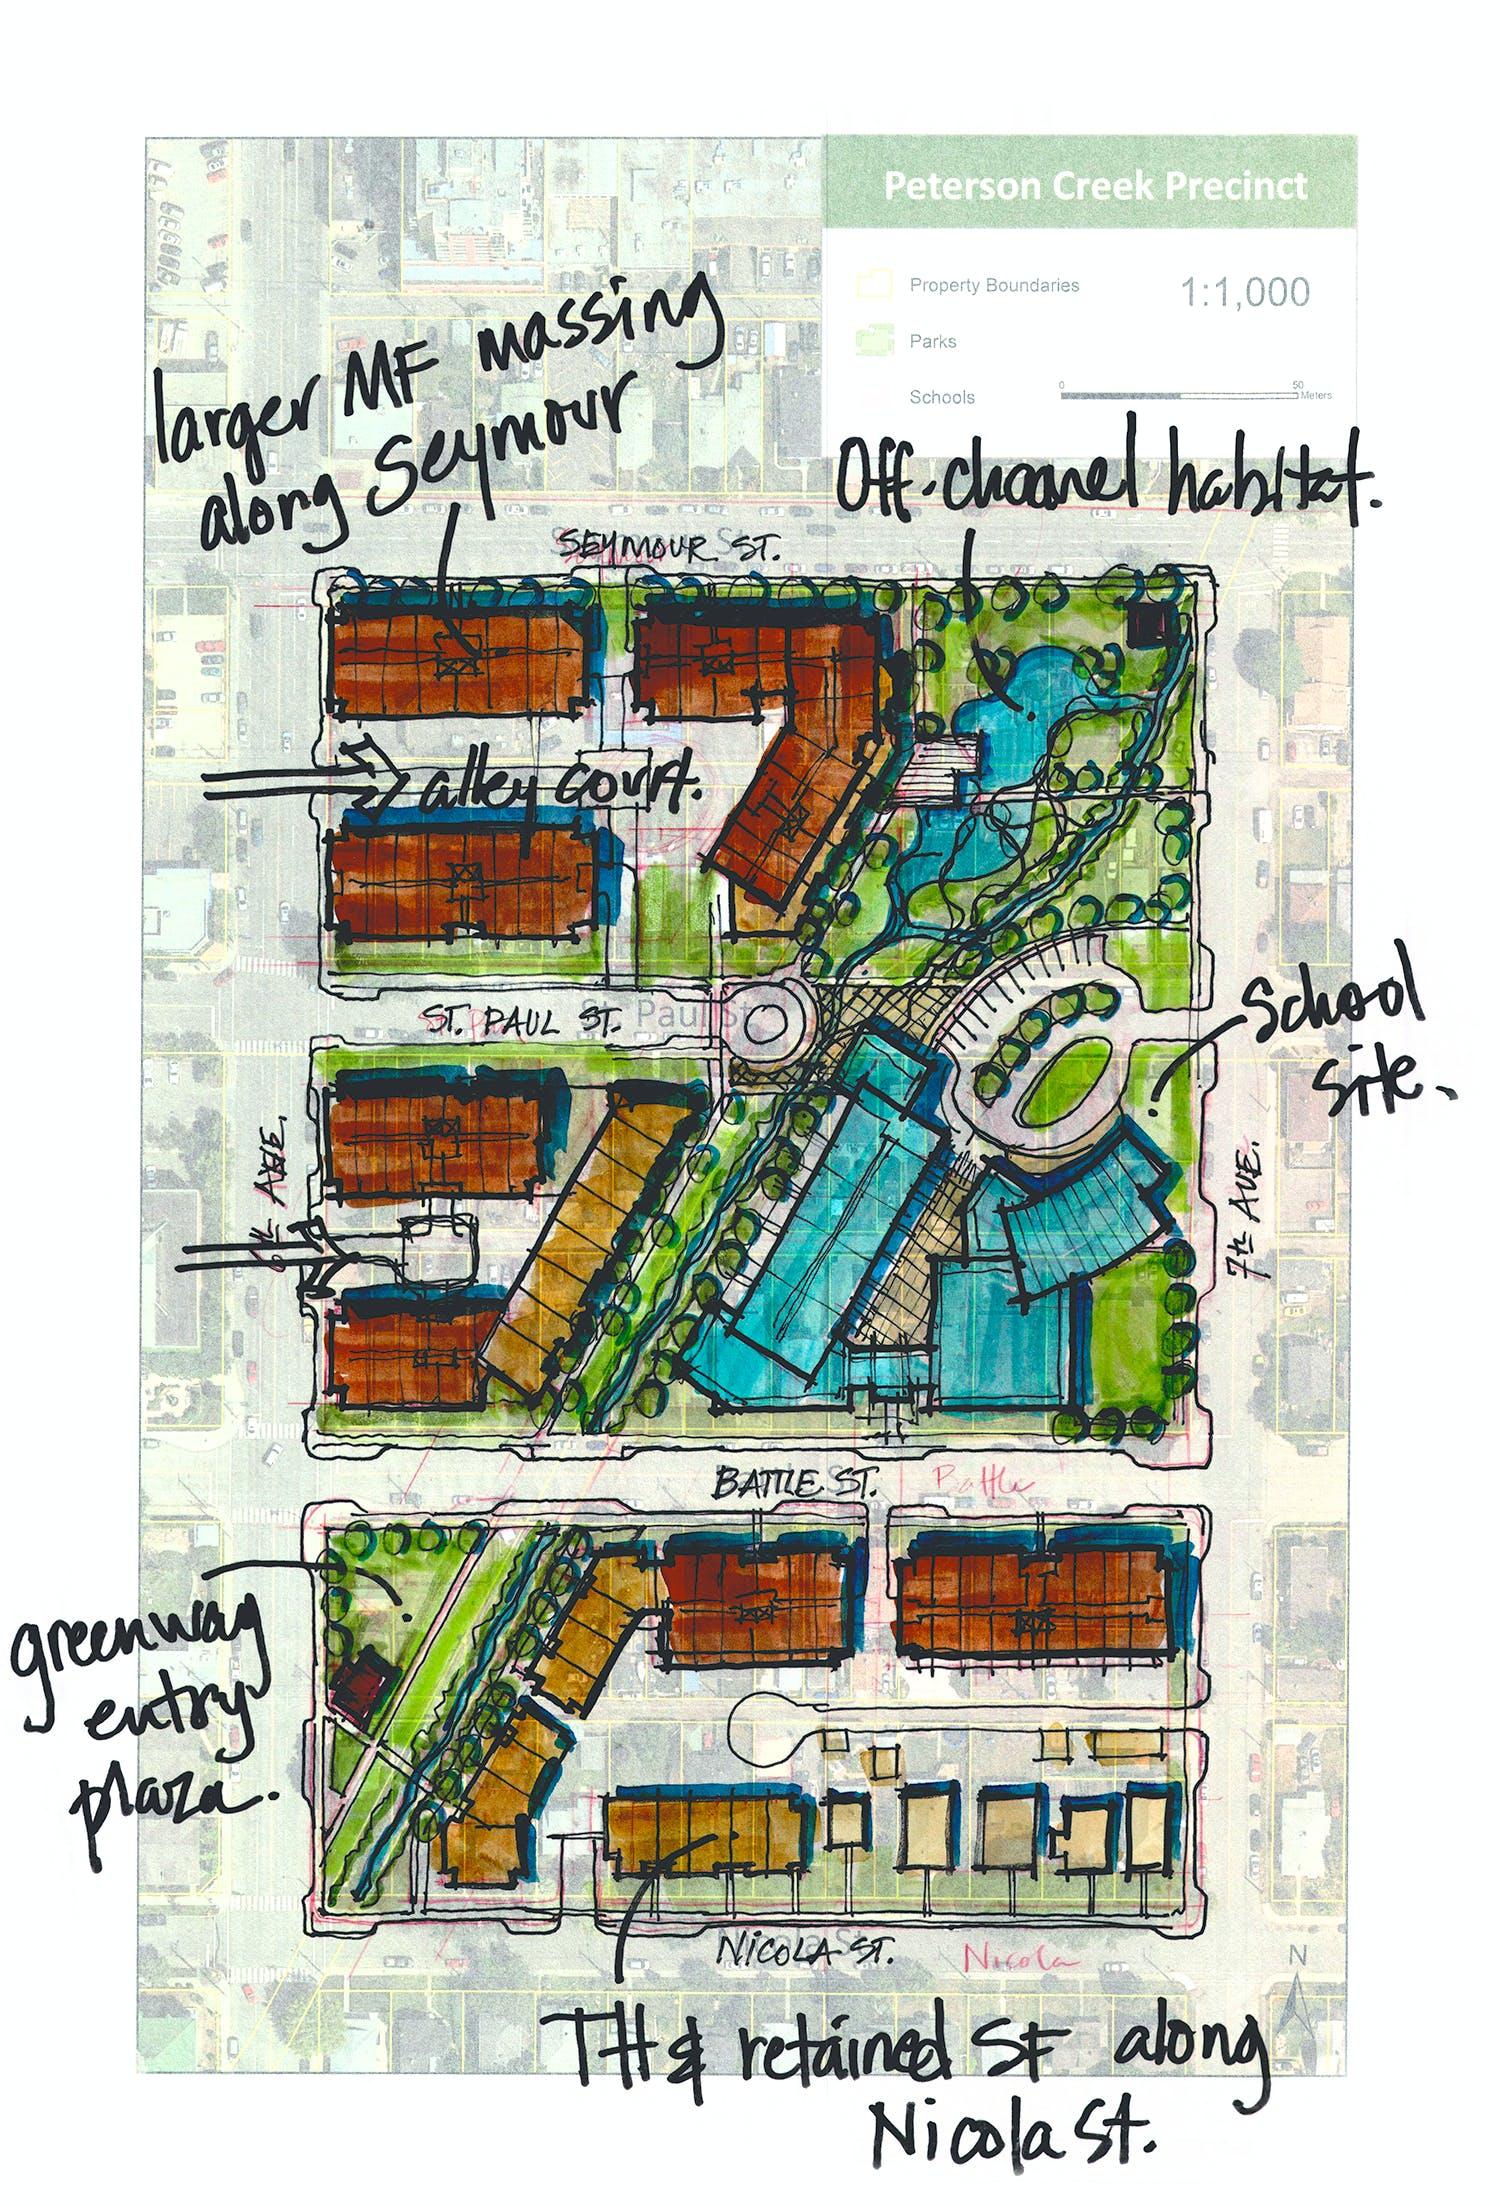 Peterson Creek District Site Plan